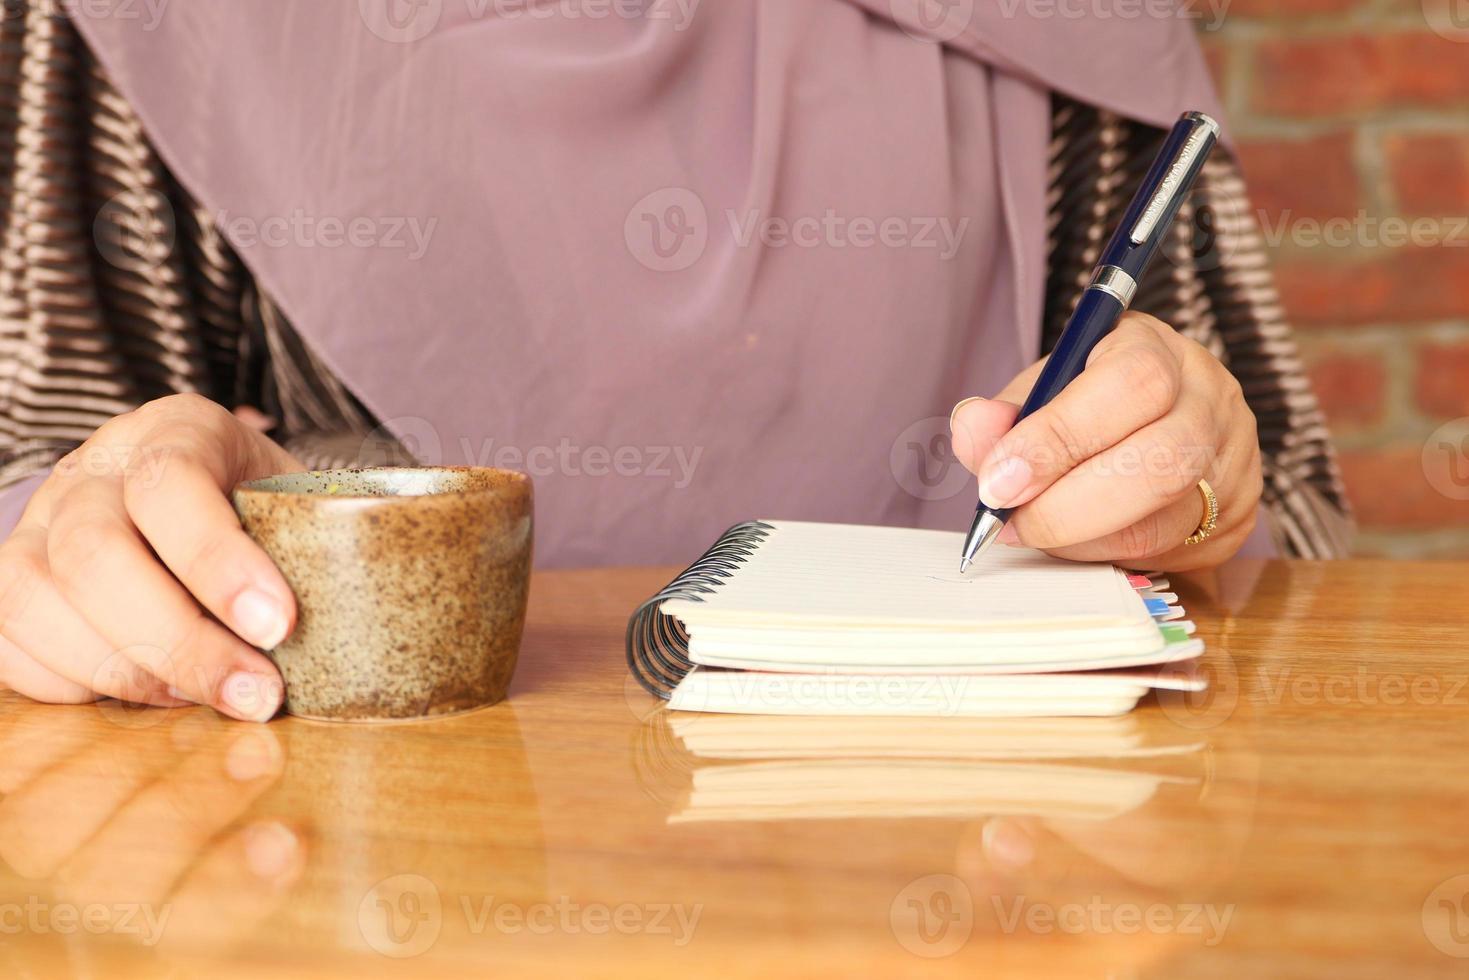 perto da mão de uma mulher escrevendo no bloco de notas foto